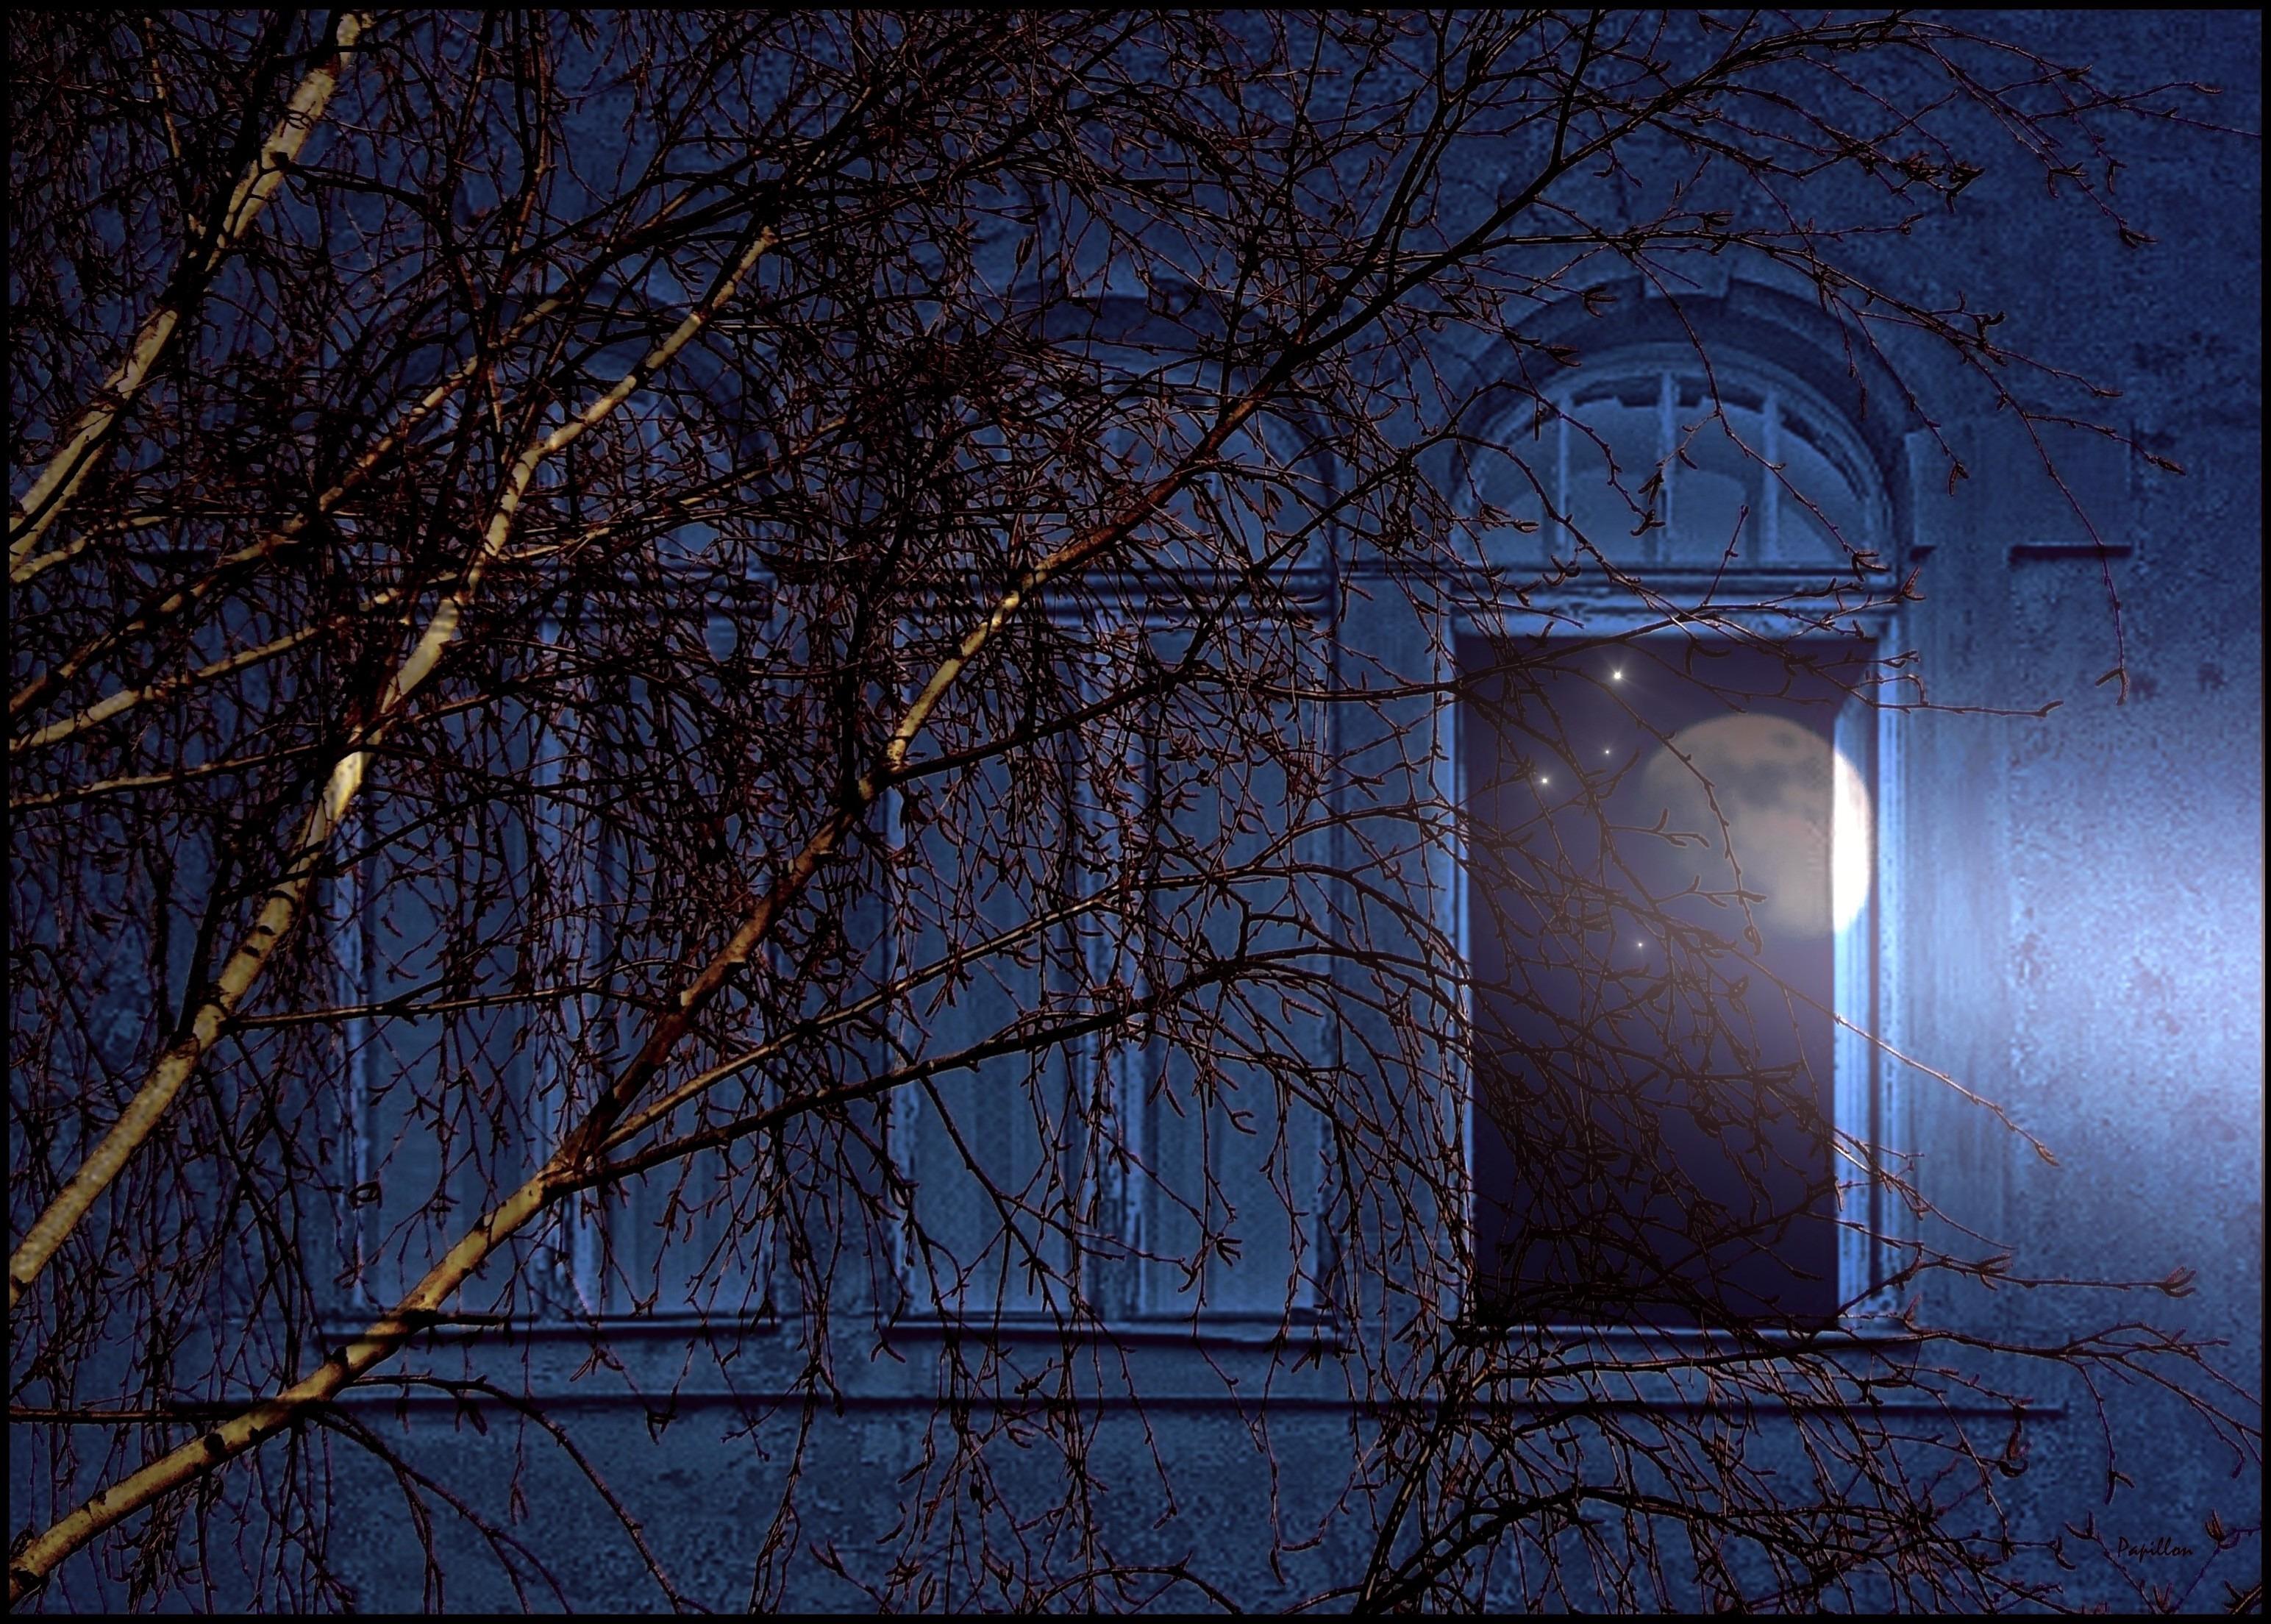 Immagini belle : albero inverno leggero architettura notte luce